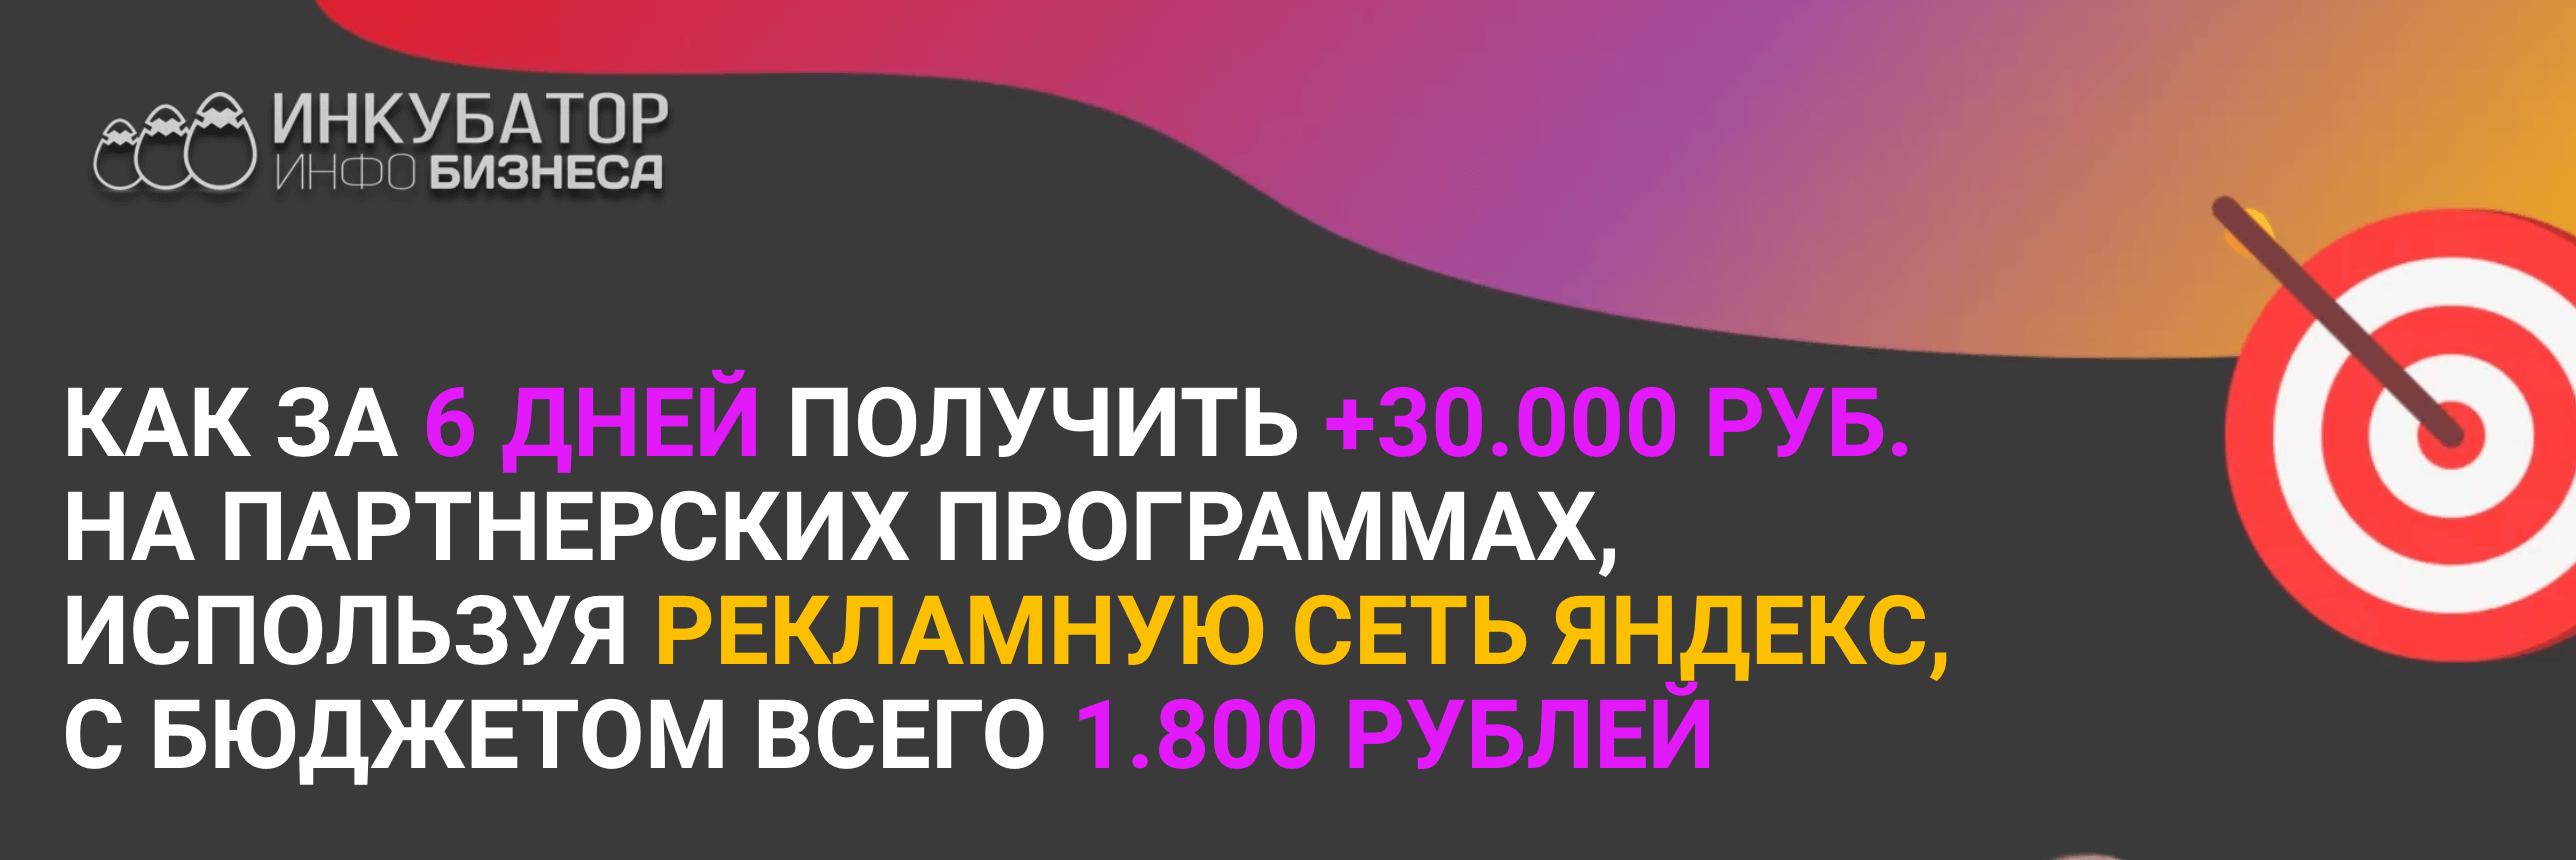 как за 6 дней получить +30000 рублей